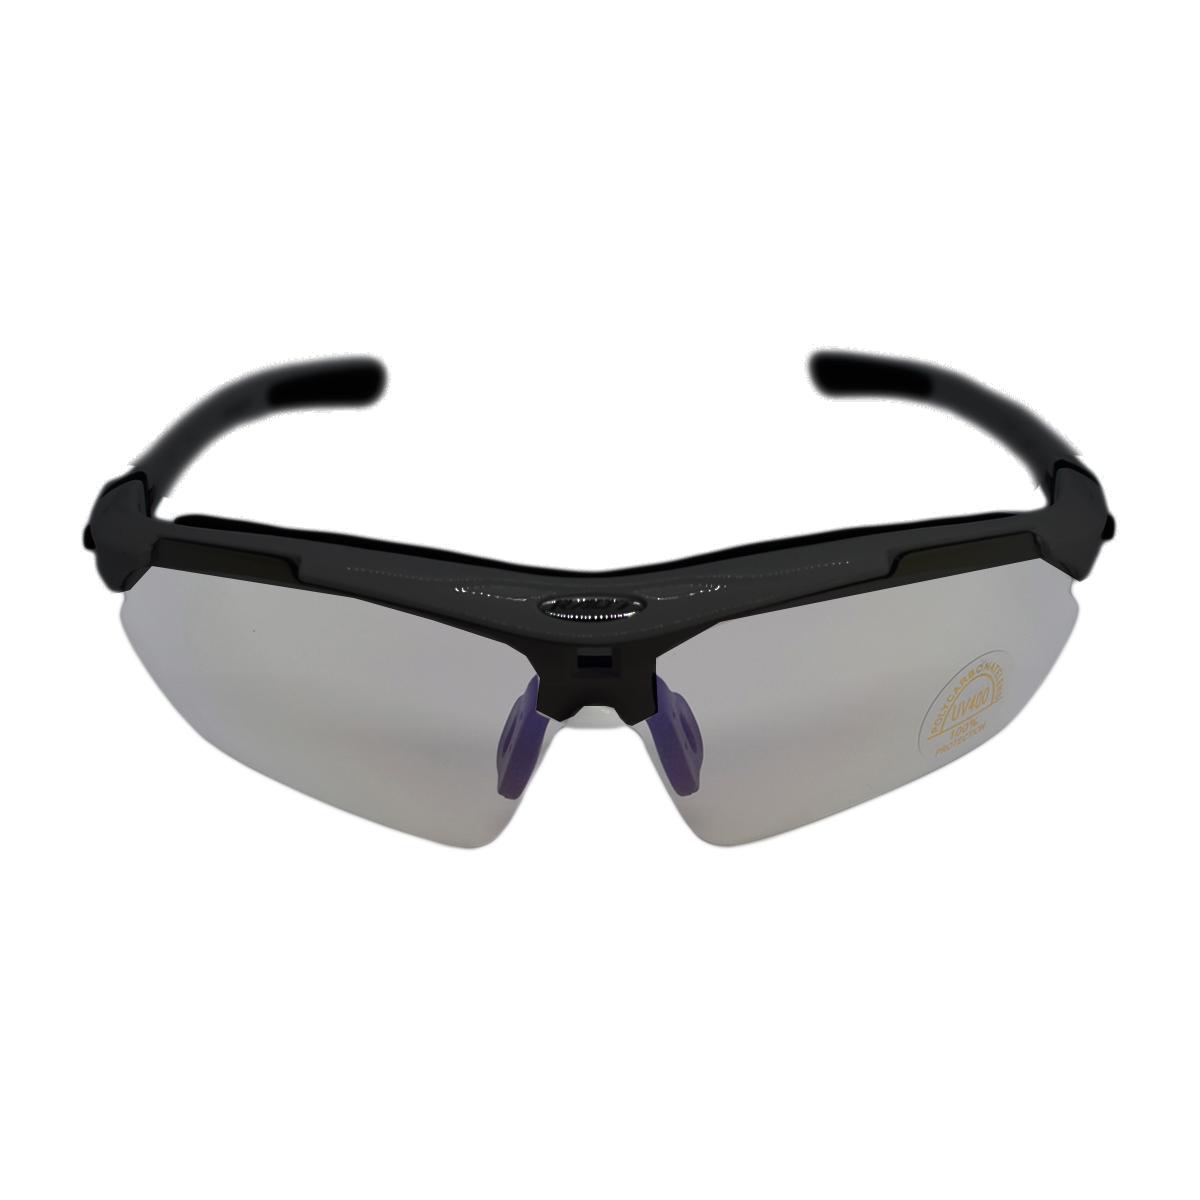 Óculos Ciclista RAD7 Concept 05 Lentes Haste Preto